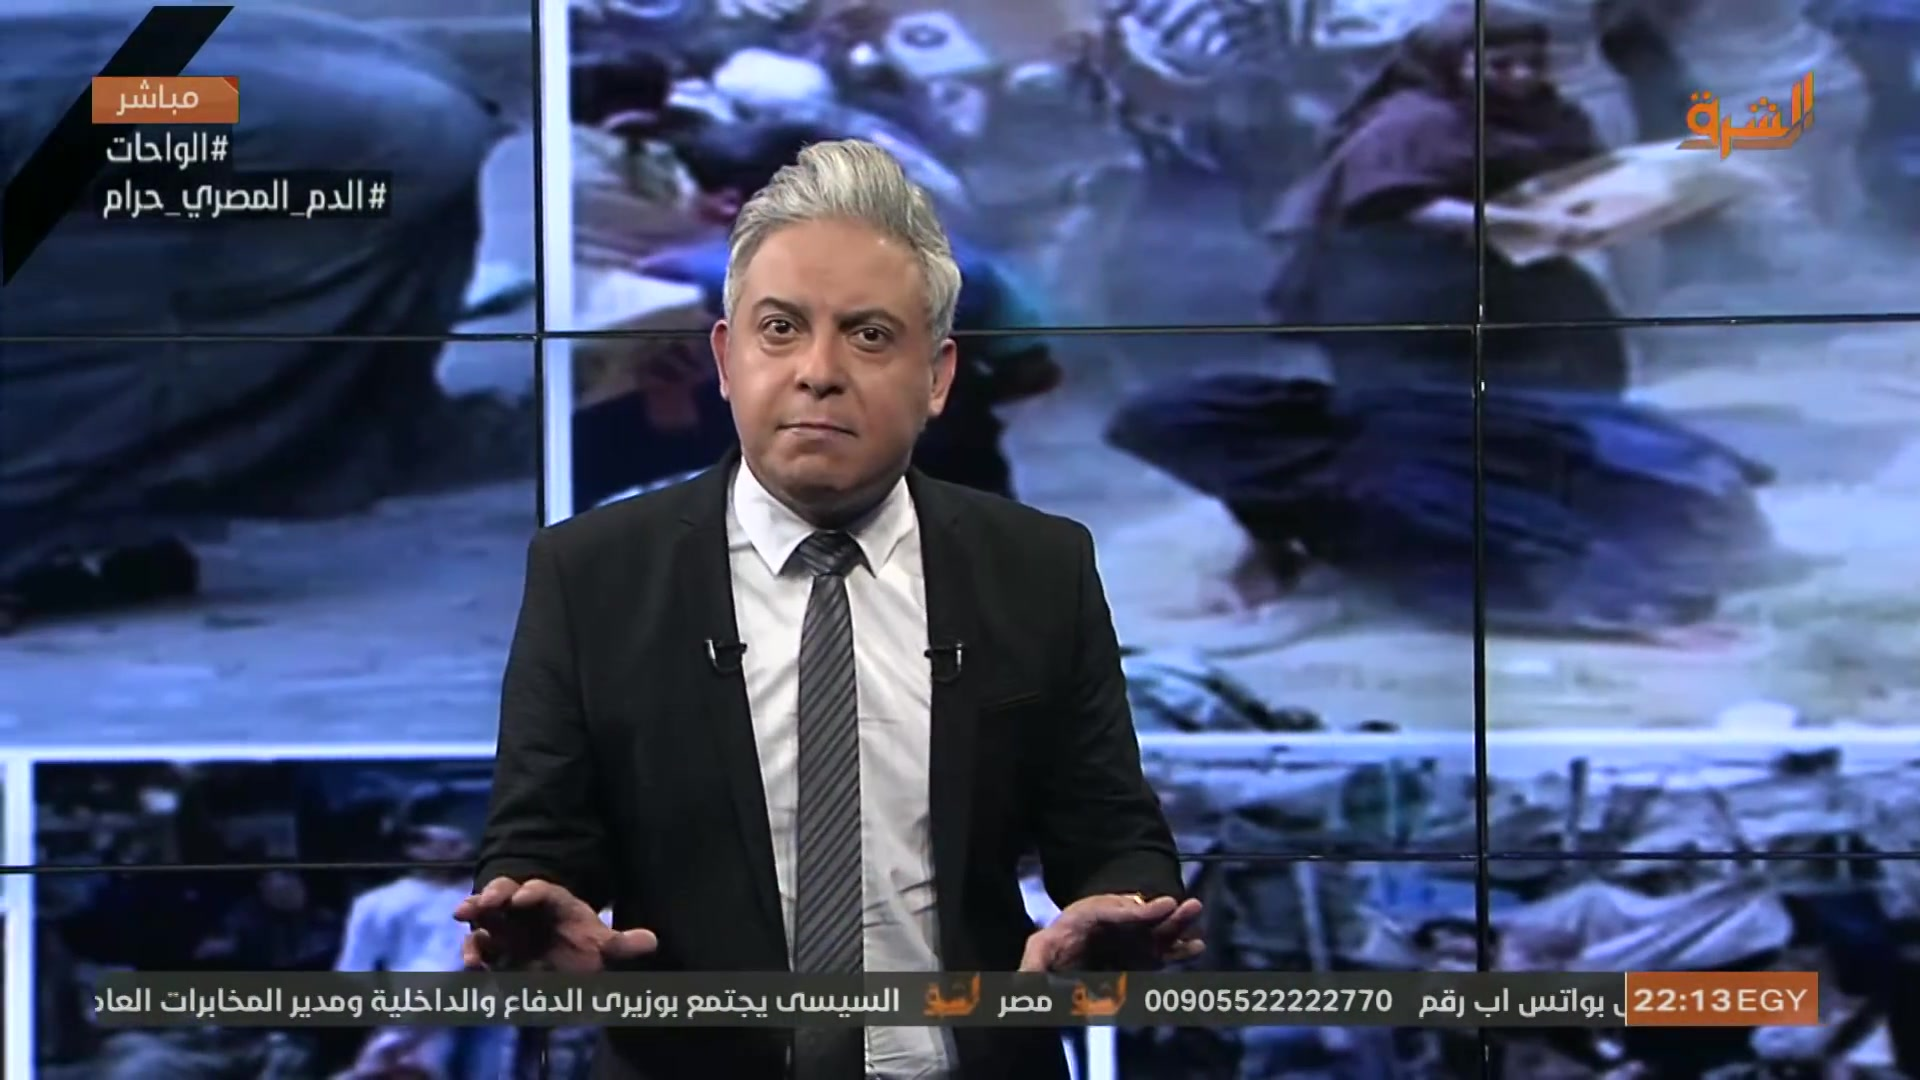 ماذا لو اتحد العرب تقرير مرعب لمجلة سبوتنيك الروسية